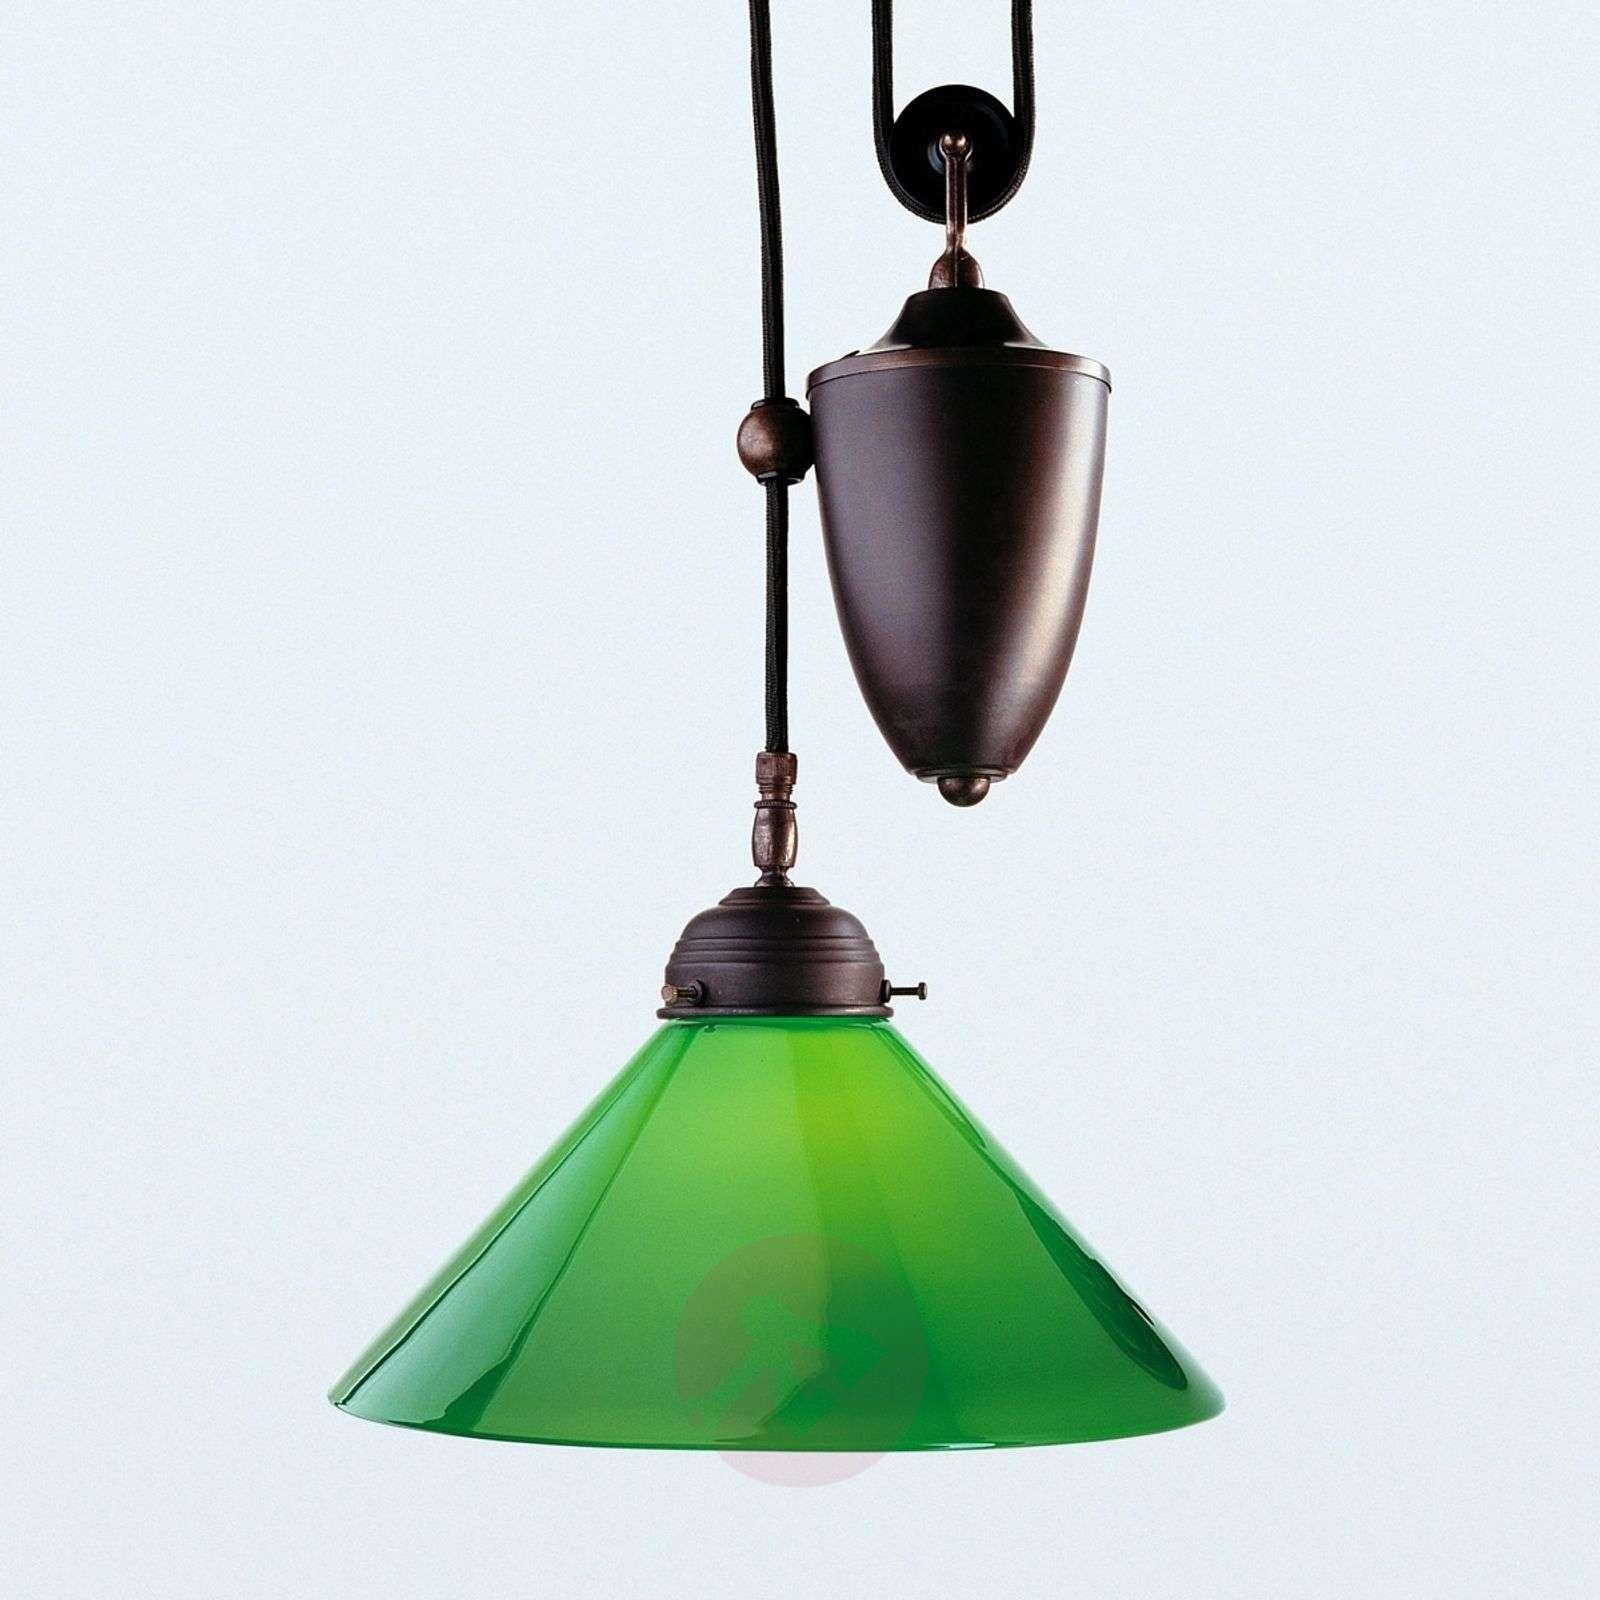 Jonas-riippuvalaisin vihreällä varjostimella-1542081-01